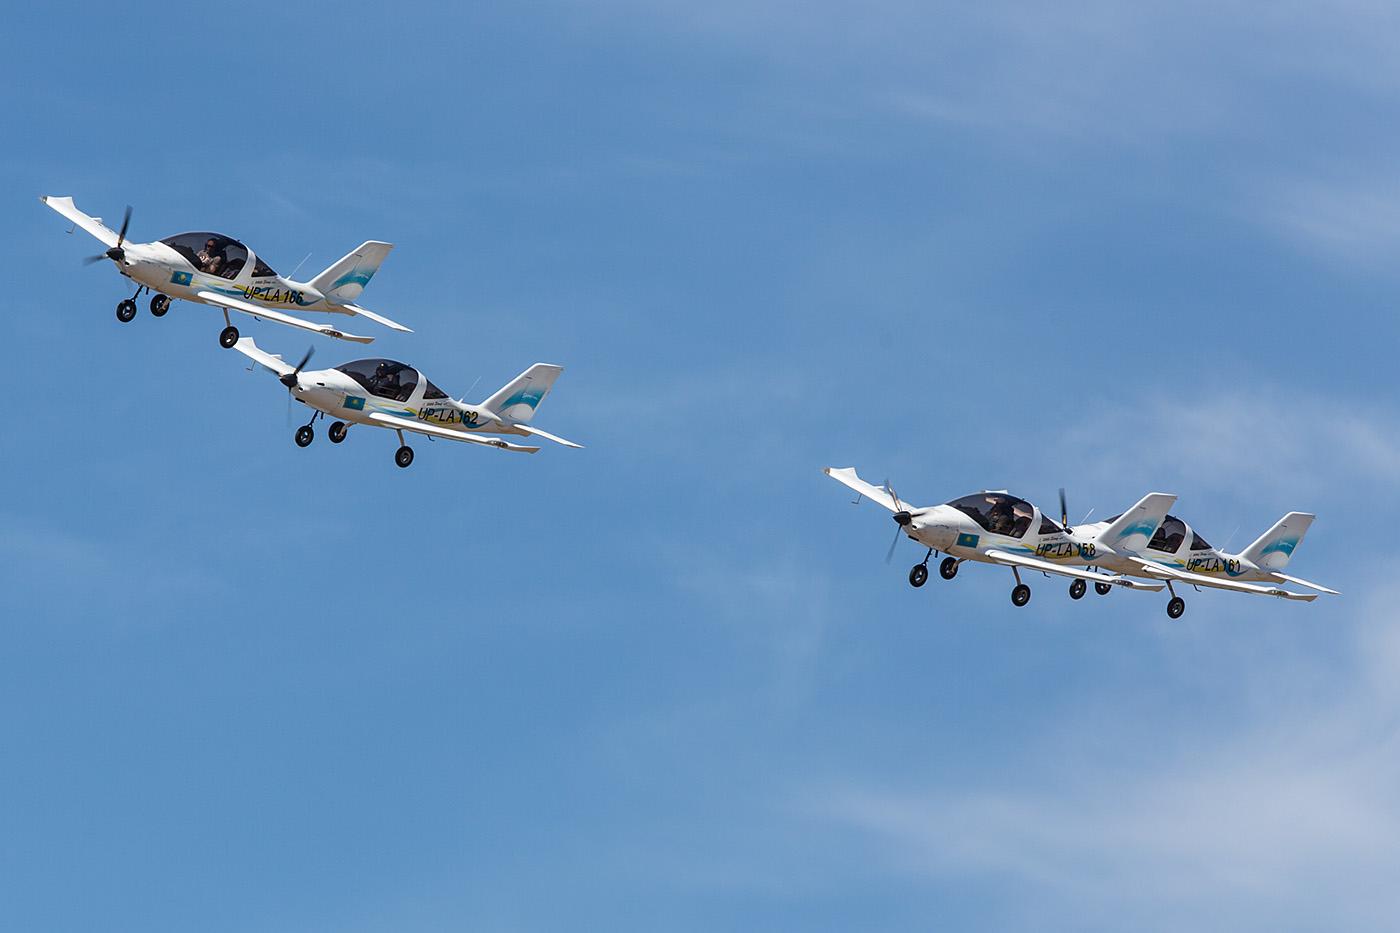 Formation aus vier Ultraleichtfliegern